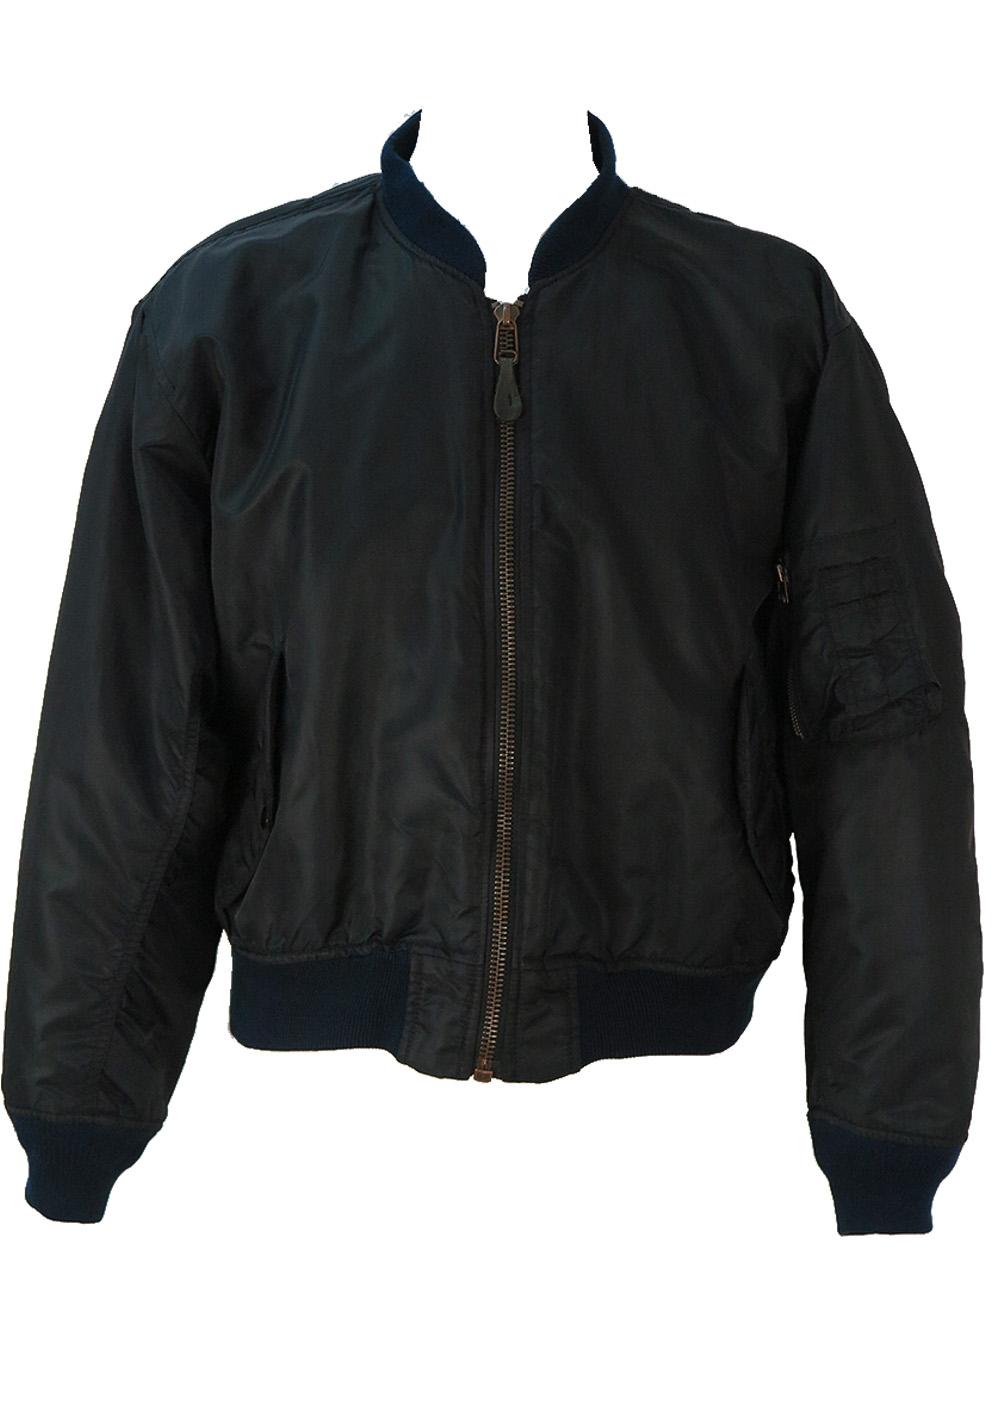 Reversible Ma1 Bomber In Black Or Orange L Xl Reign Vintage